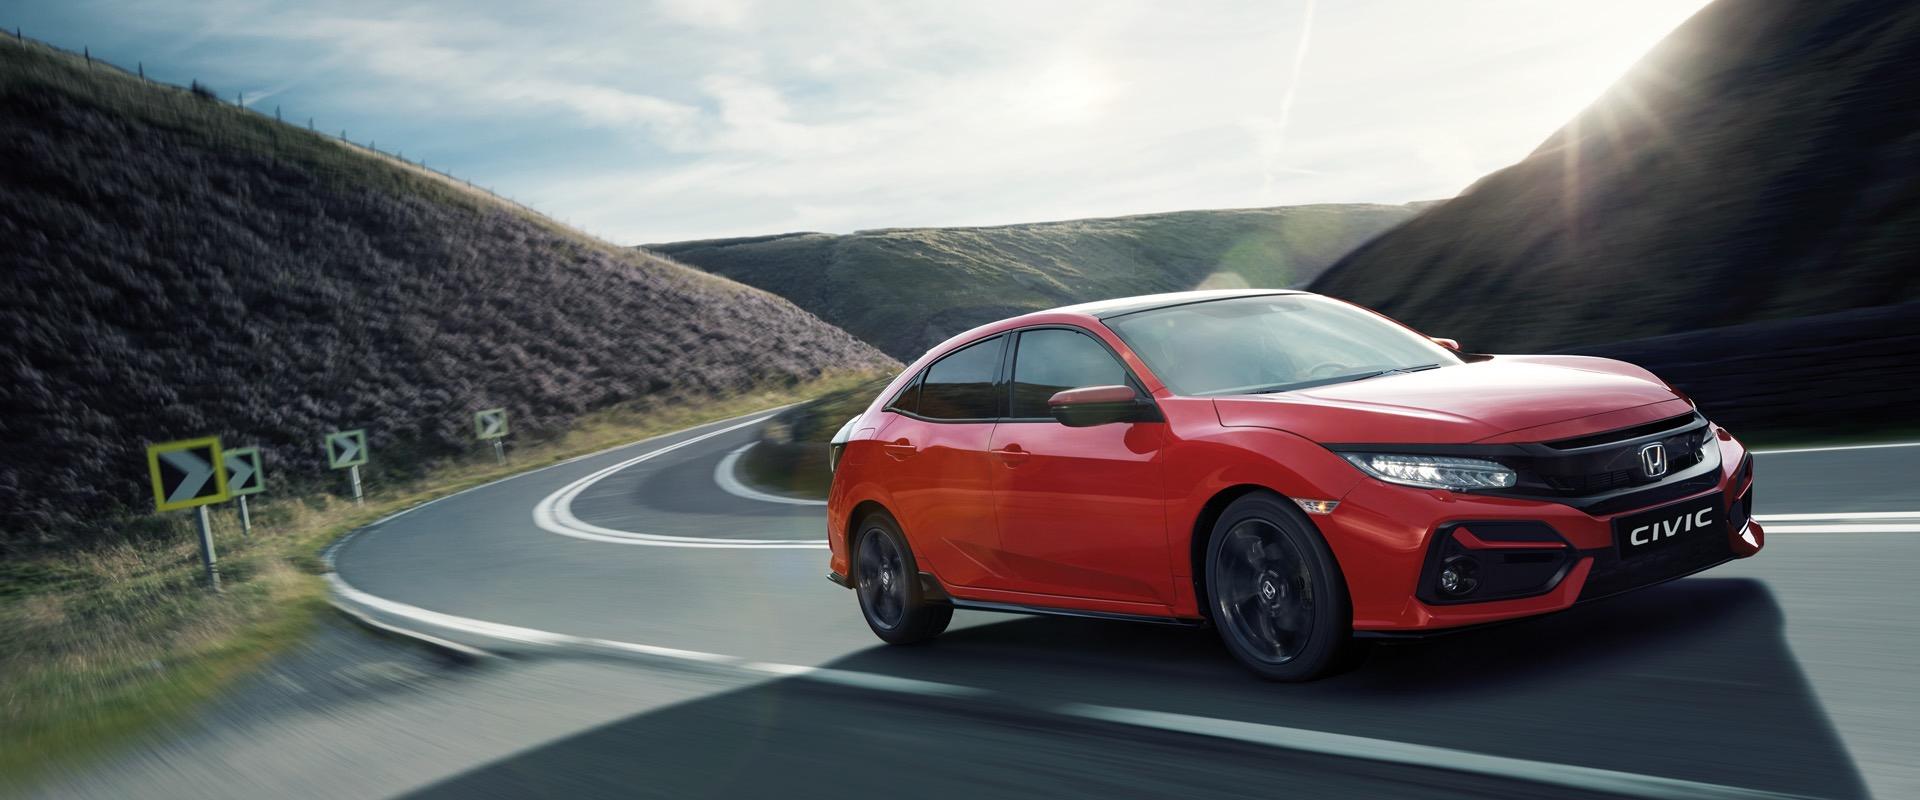 Honda Plaza  Şen Civic Hatchback ile Sportif Ruhunuzu Yansıtın